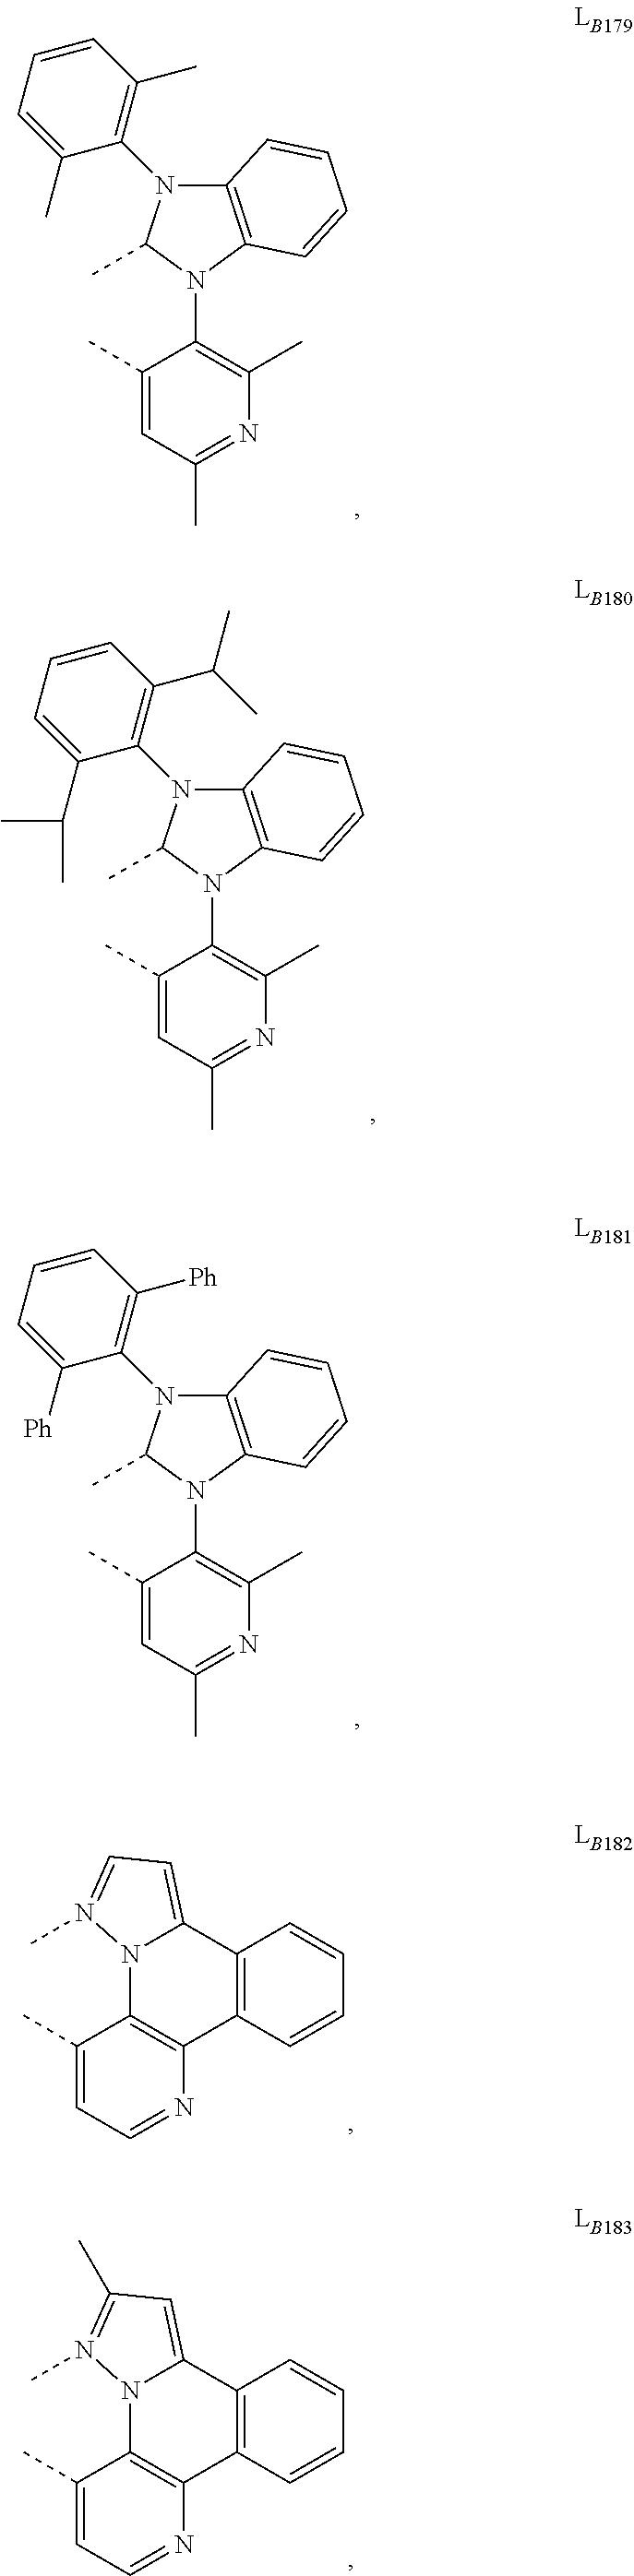 Figure US09905785-20180227-C00598